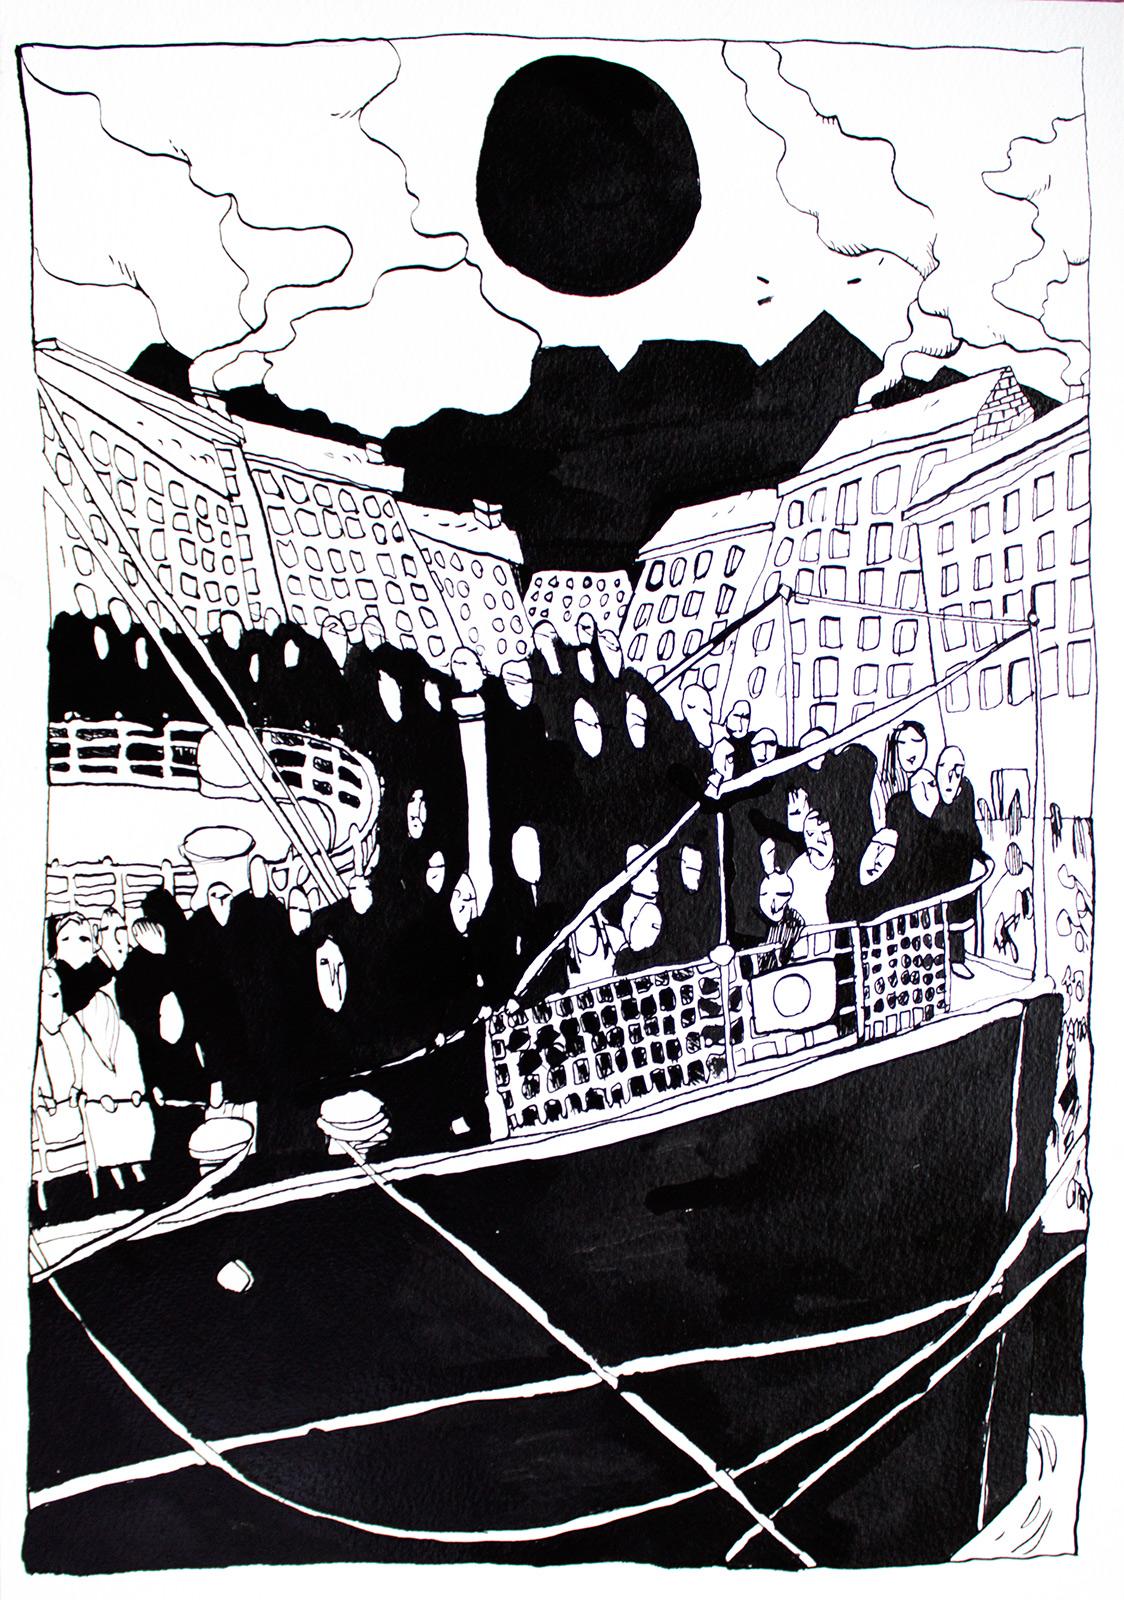 usa rejse båd mennesker stærke og udtryksfulde kunst illustrationer og tegninger, dygtig dansk illustrator, tegner, sort hvide tegninger